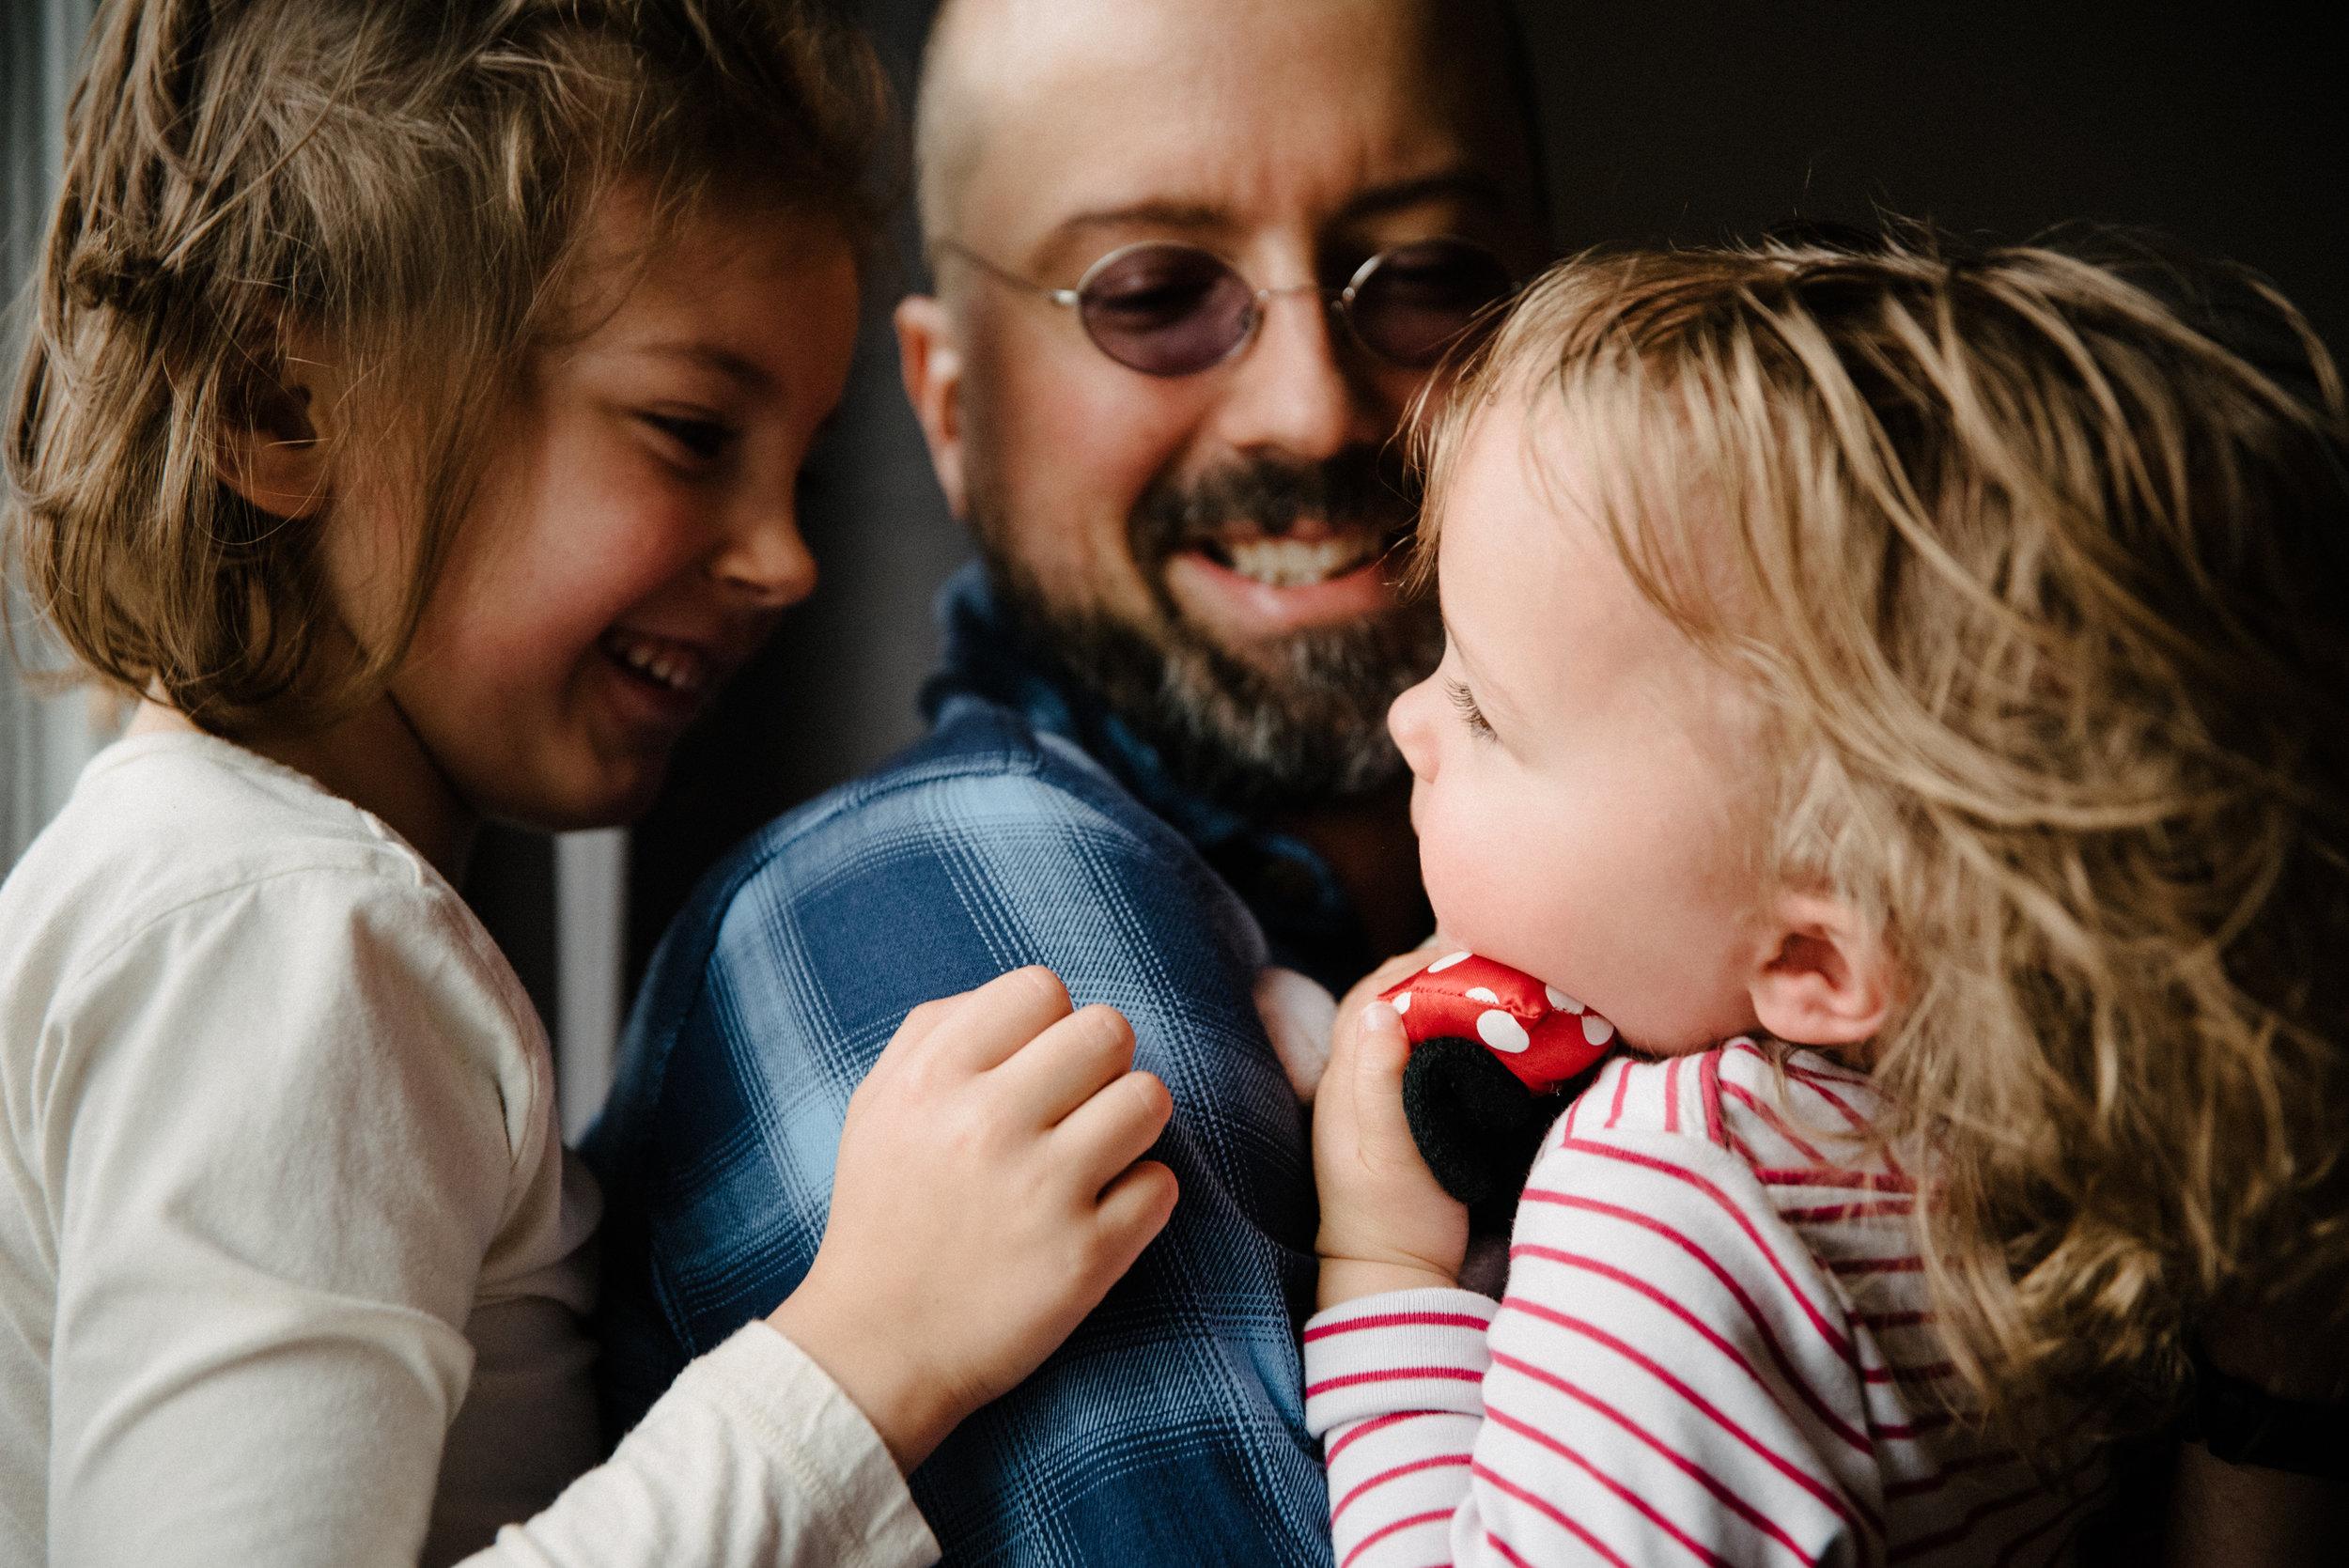 photo-d-un-pere-qui-s-amuse-avec-ses-deux-filles-photographe-lifestyle-de-famille-et-nouveau-ne-a-montreal-marianne-charland-781.jpg